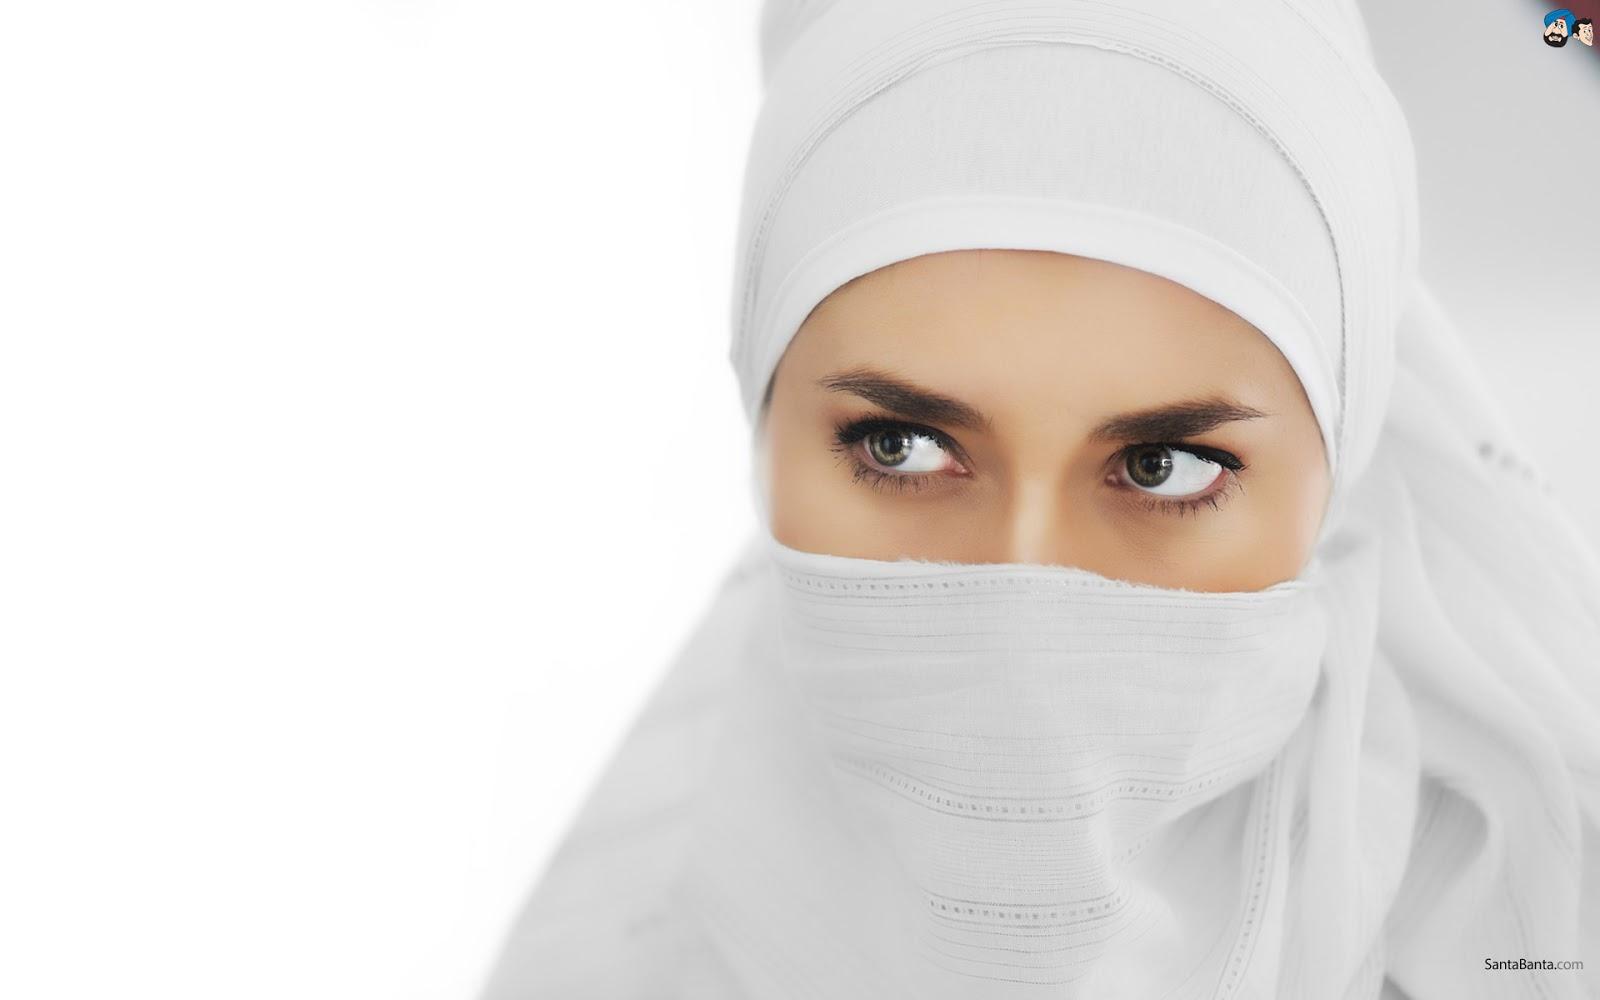 Gambar Wanita Hijab Cantik | Foto Cantik